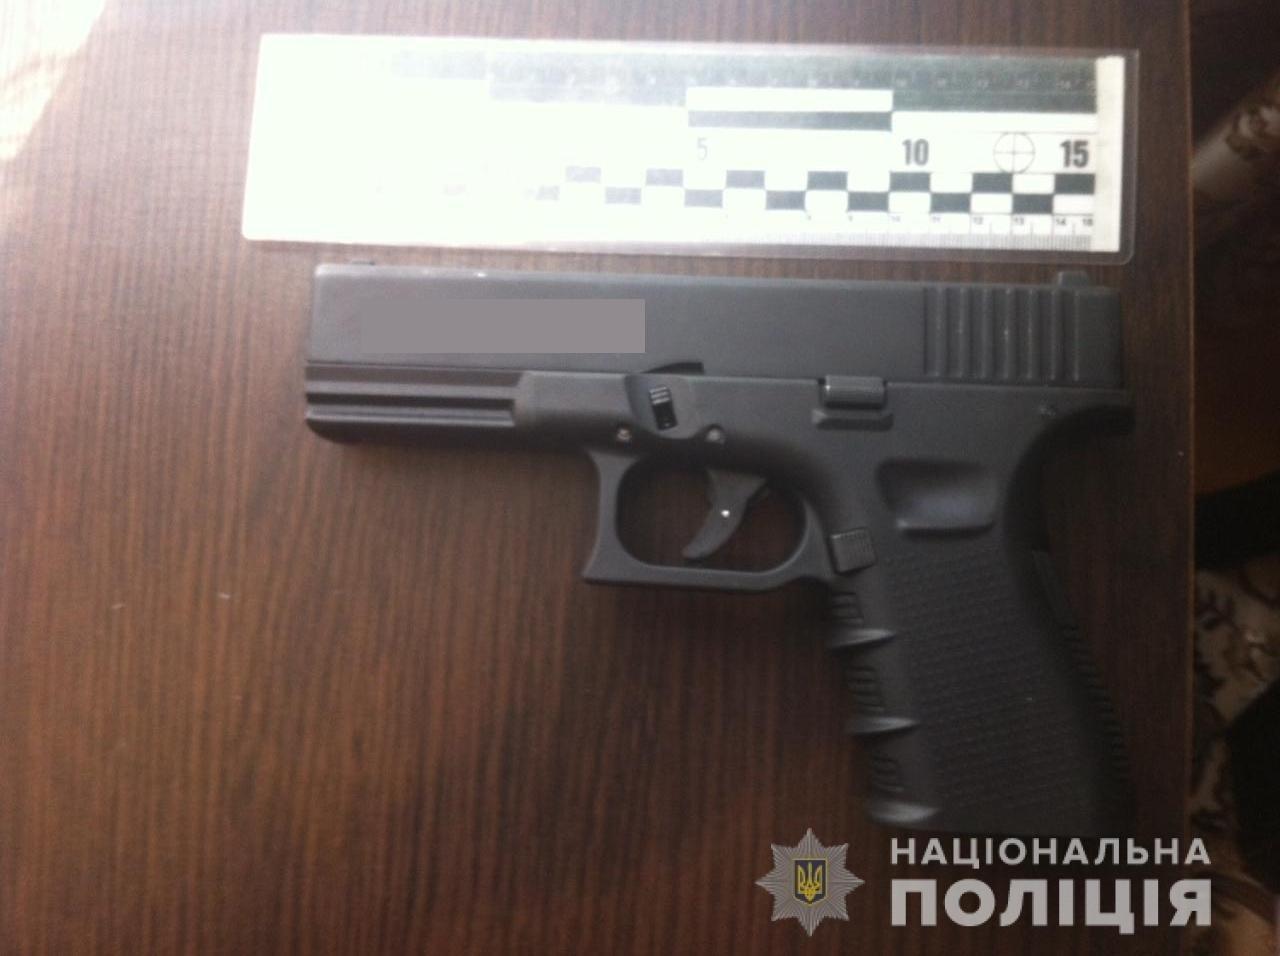 Злодія, який виніс із приватного будинку на Закарпатті 300 тисяч гривень, знайшли на Житомирщині (ФОТО), фото-1